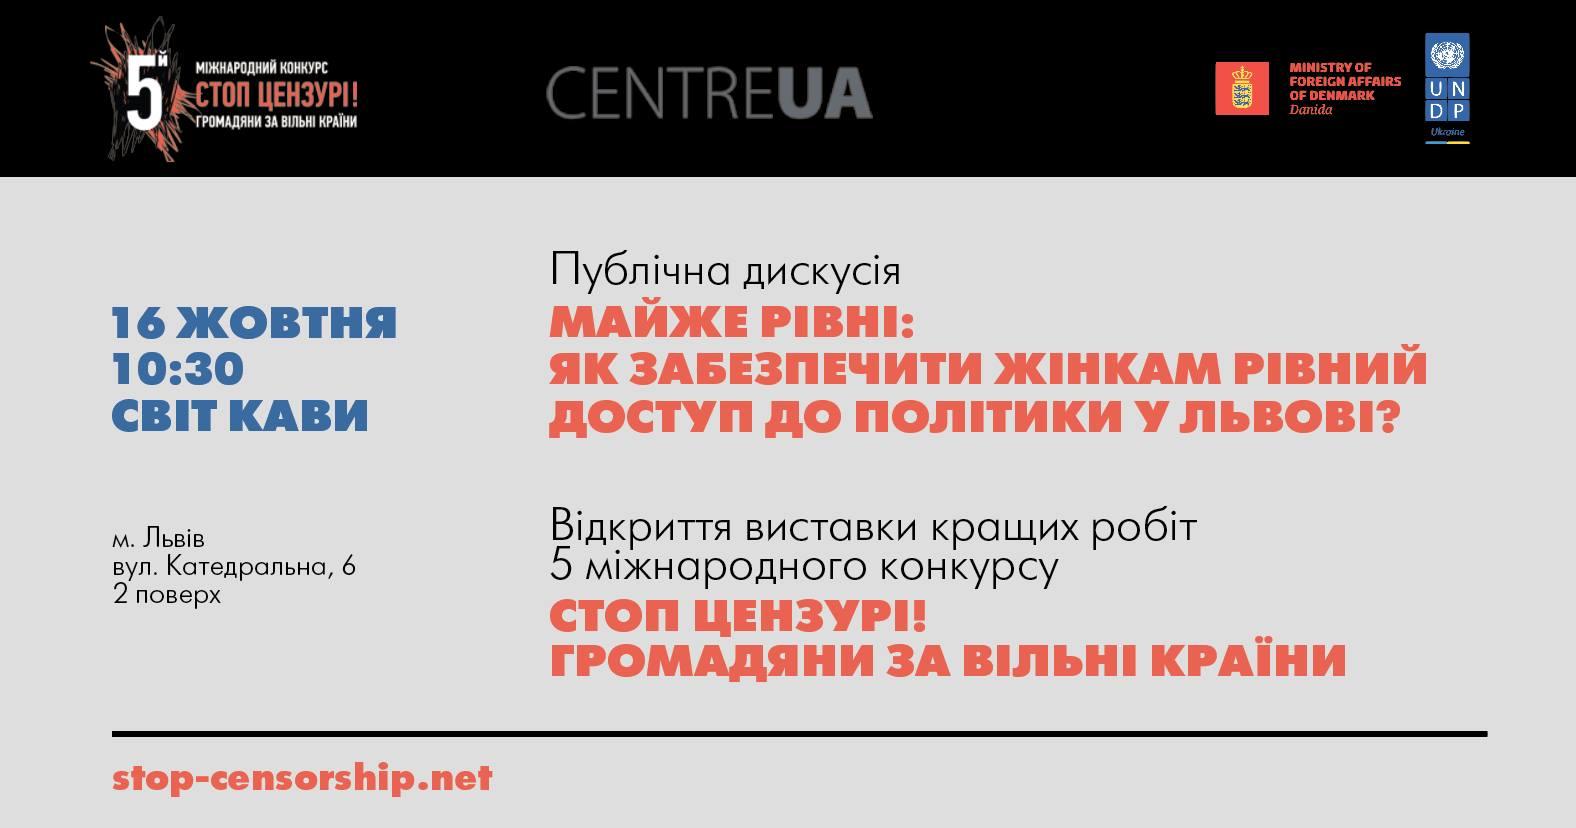 """""""Майже рівні: Як забезпечити рівний доступ до політики у Львові?"""""""